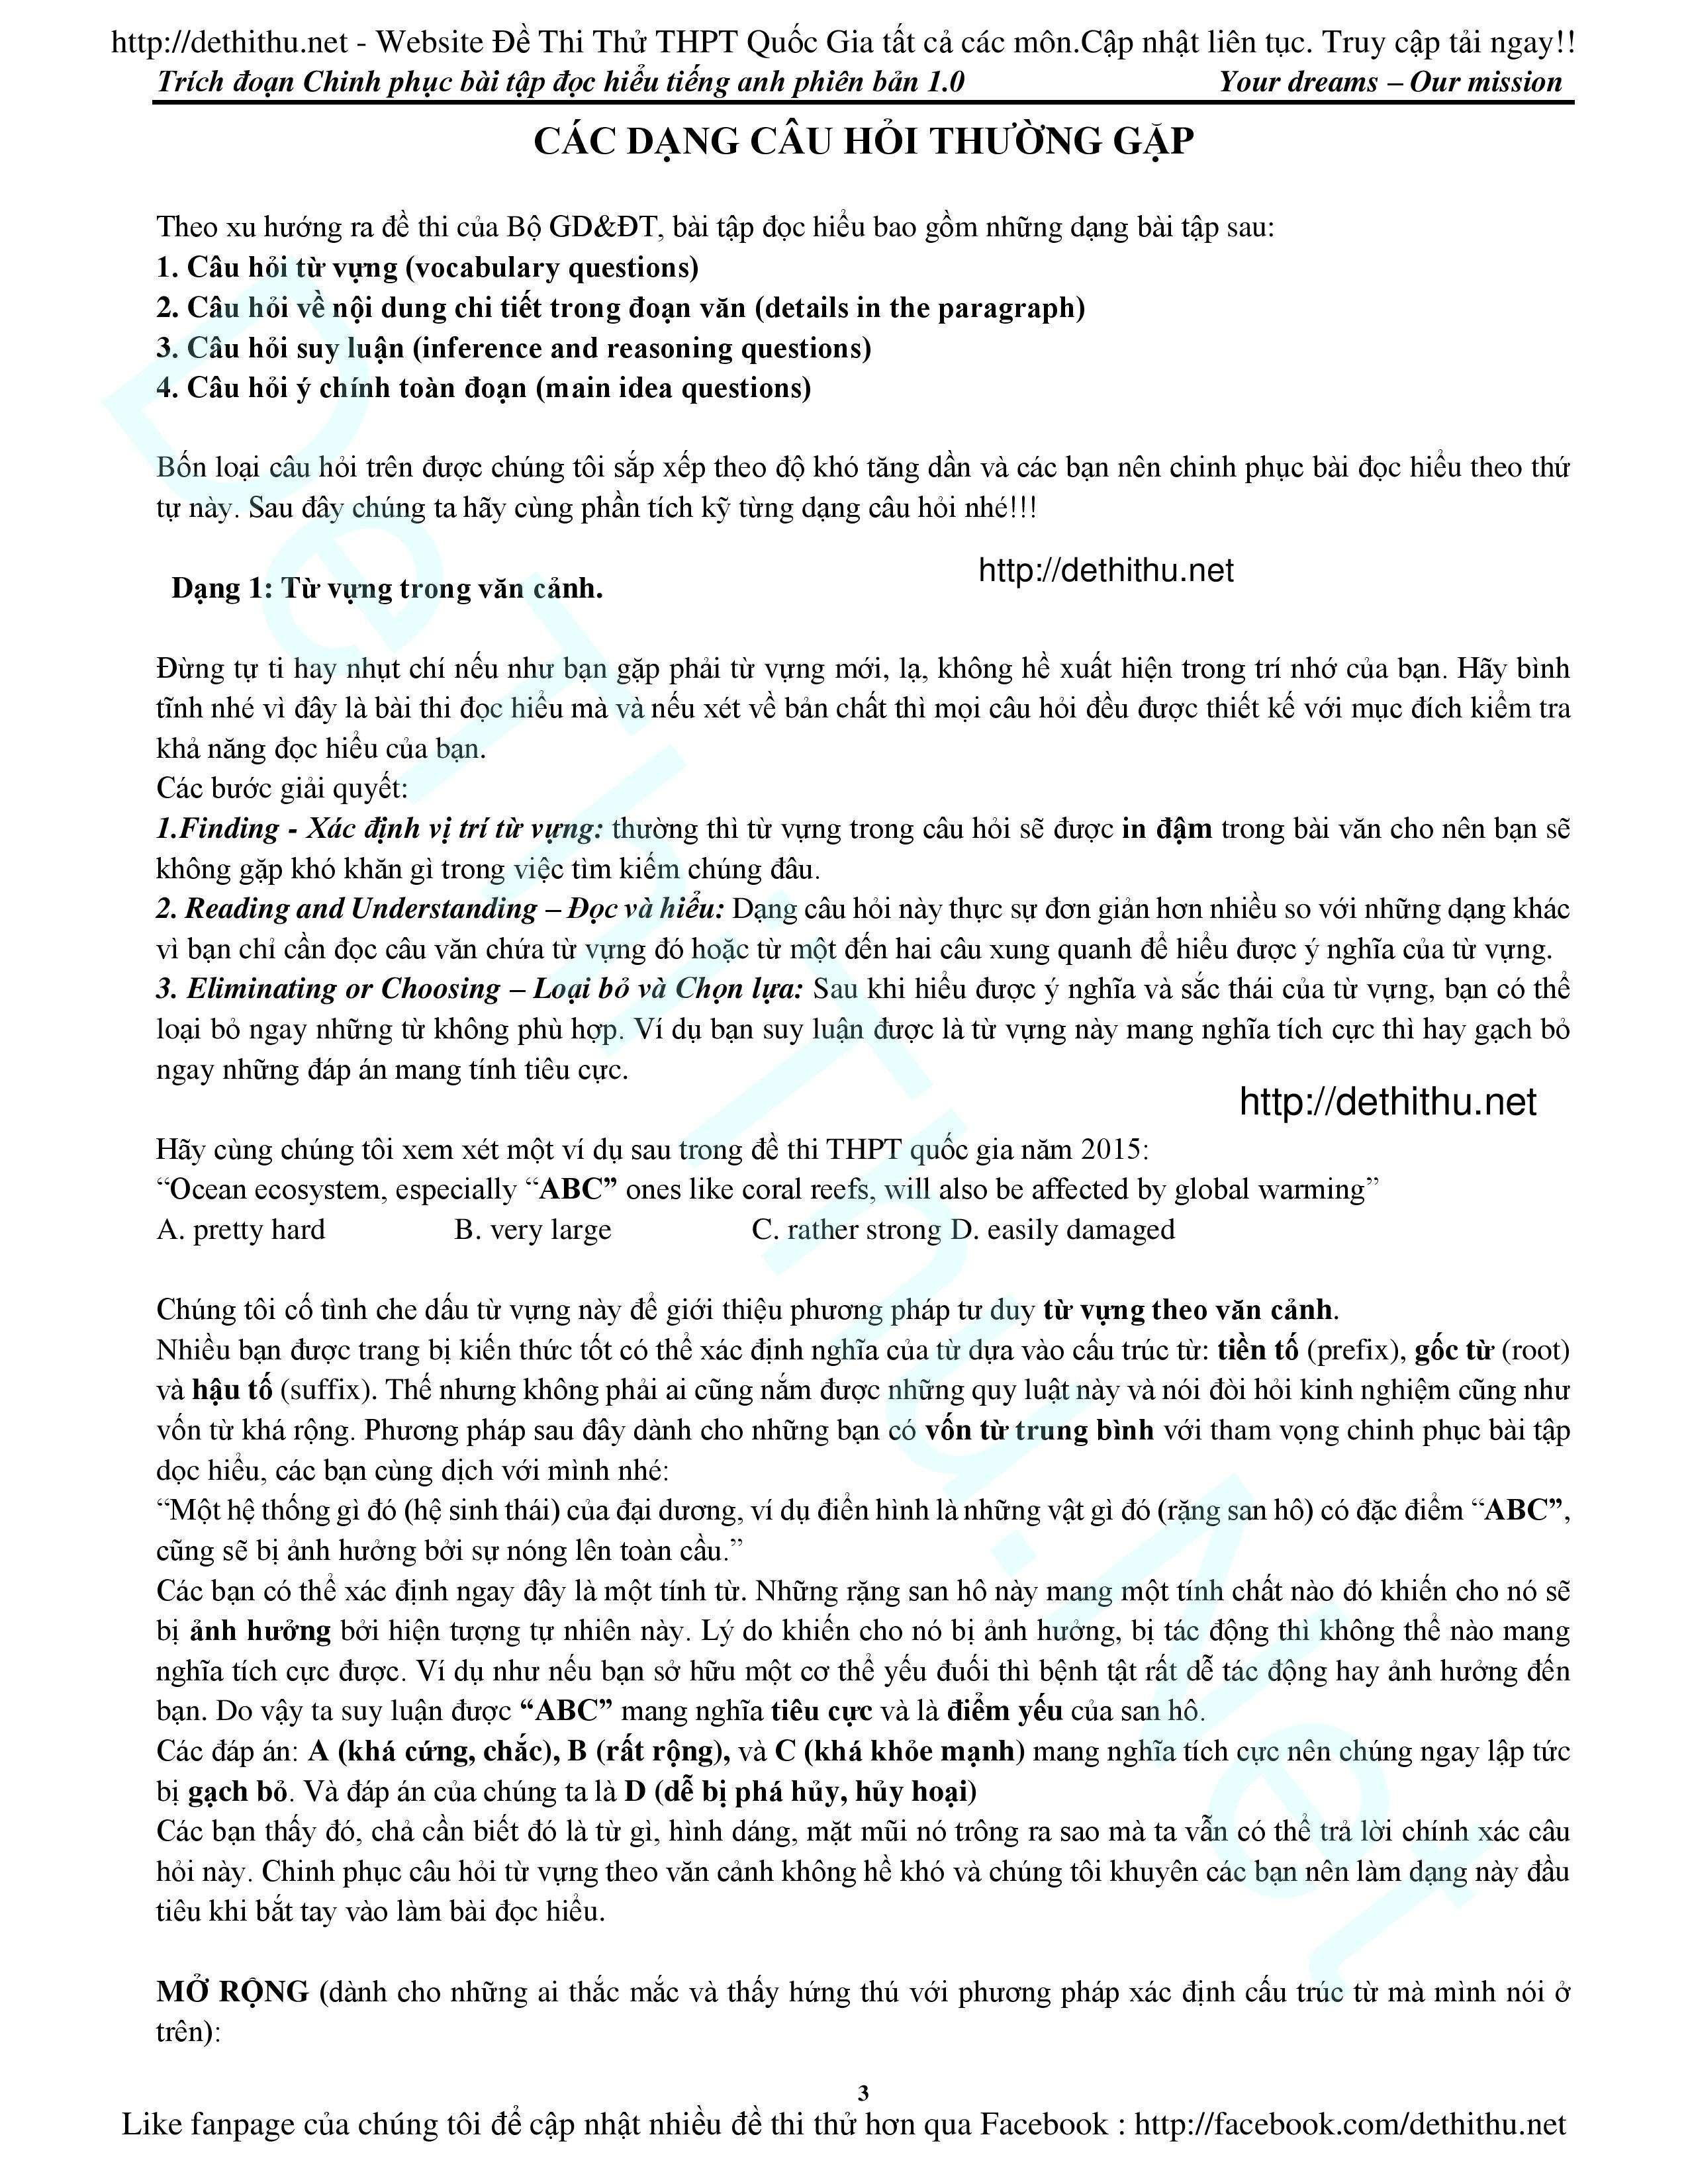 15 bài đọc hiểu tiếng Anh giải chi tiết   Tài liệu chinh phục đọc hiểu lovebook